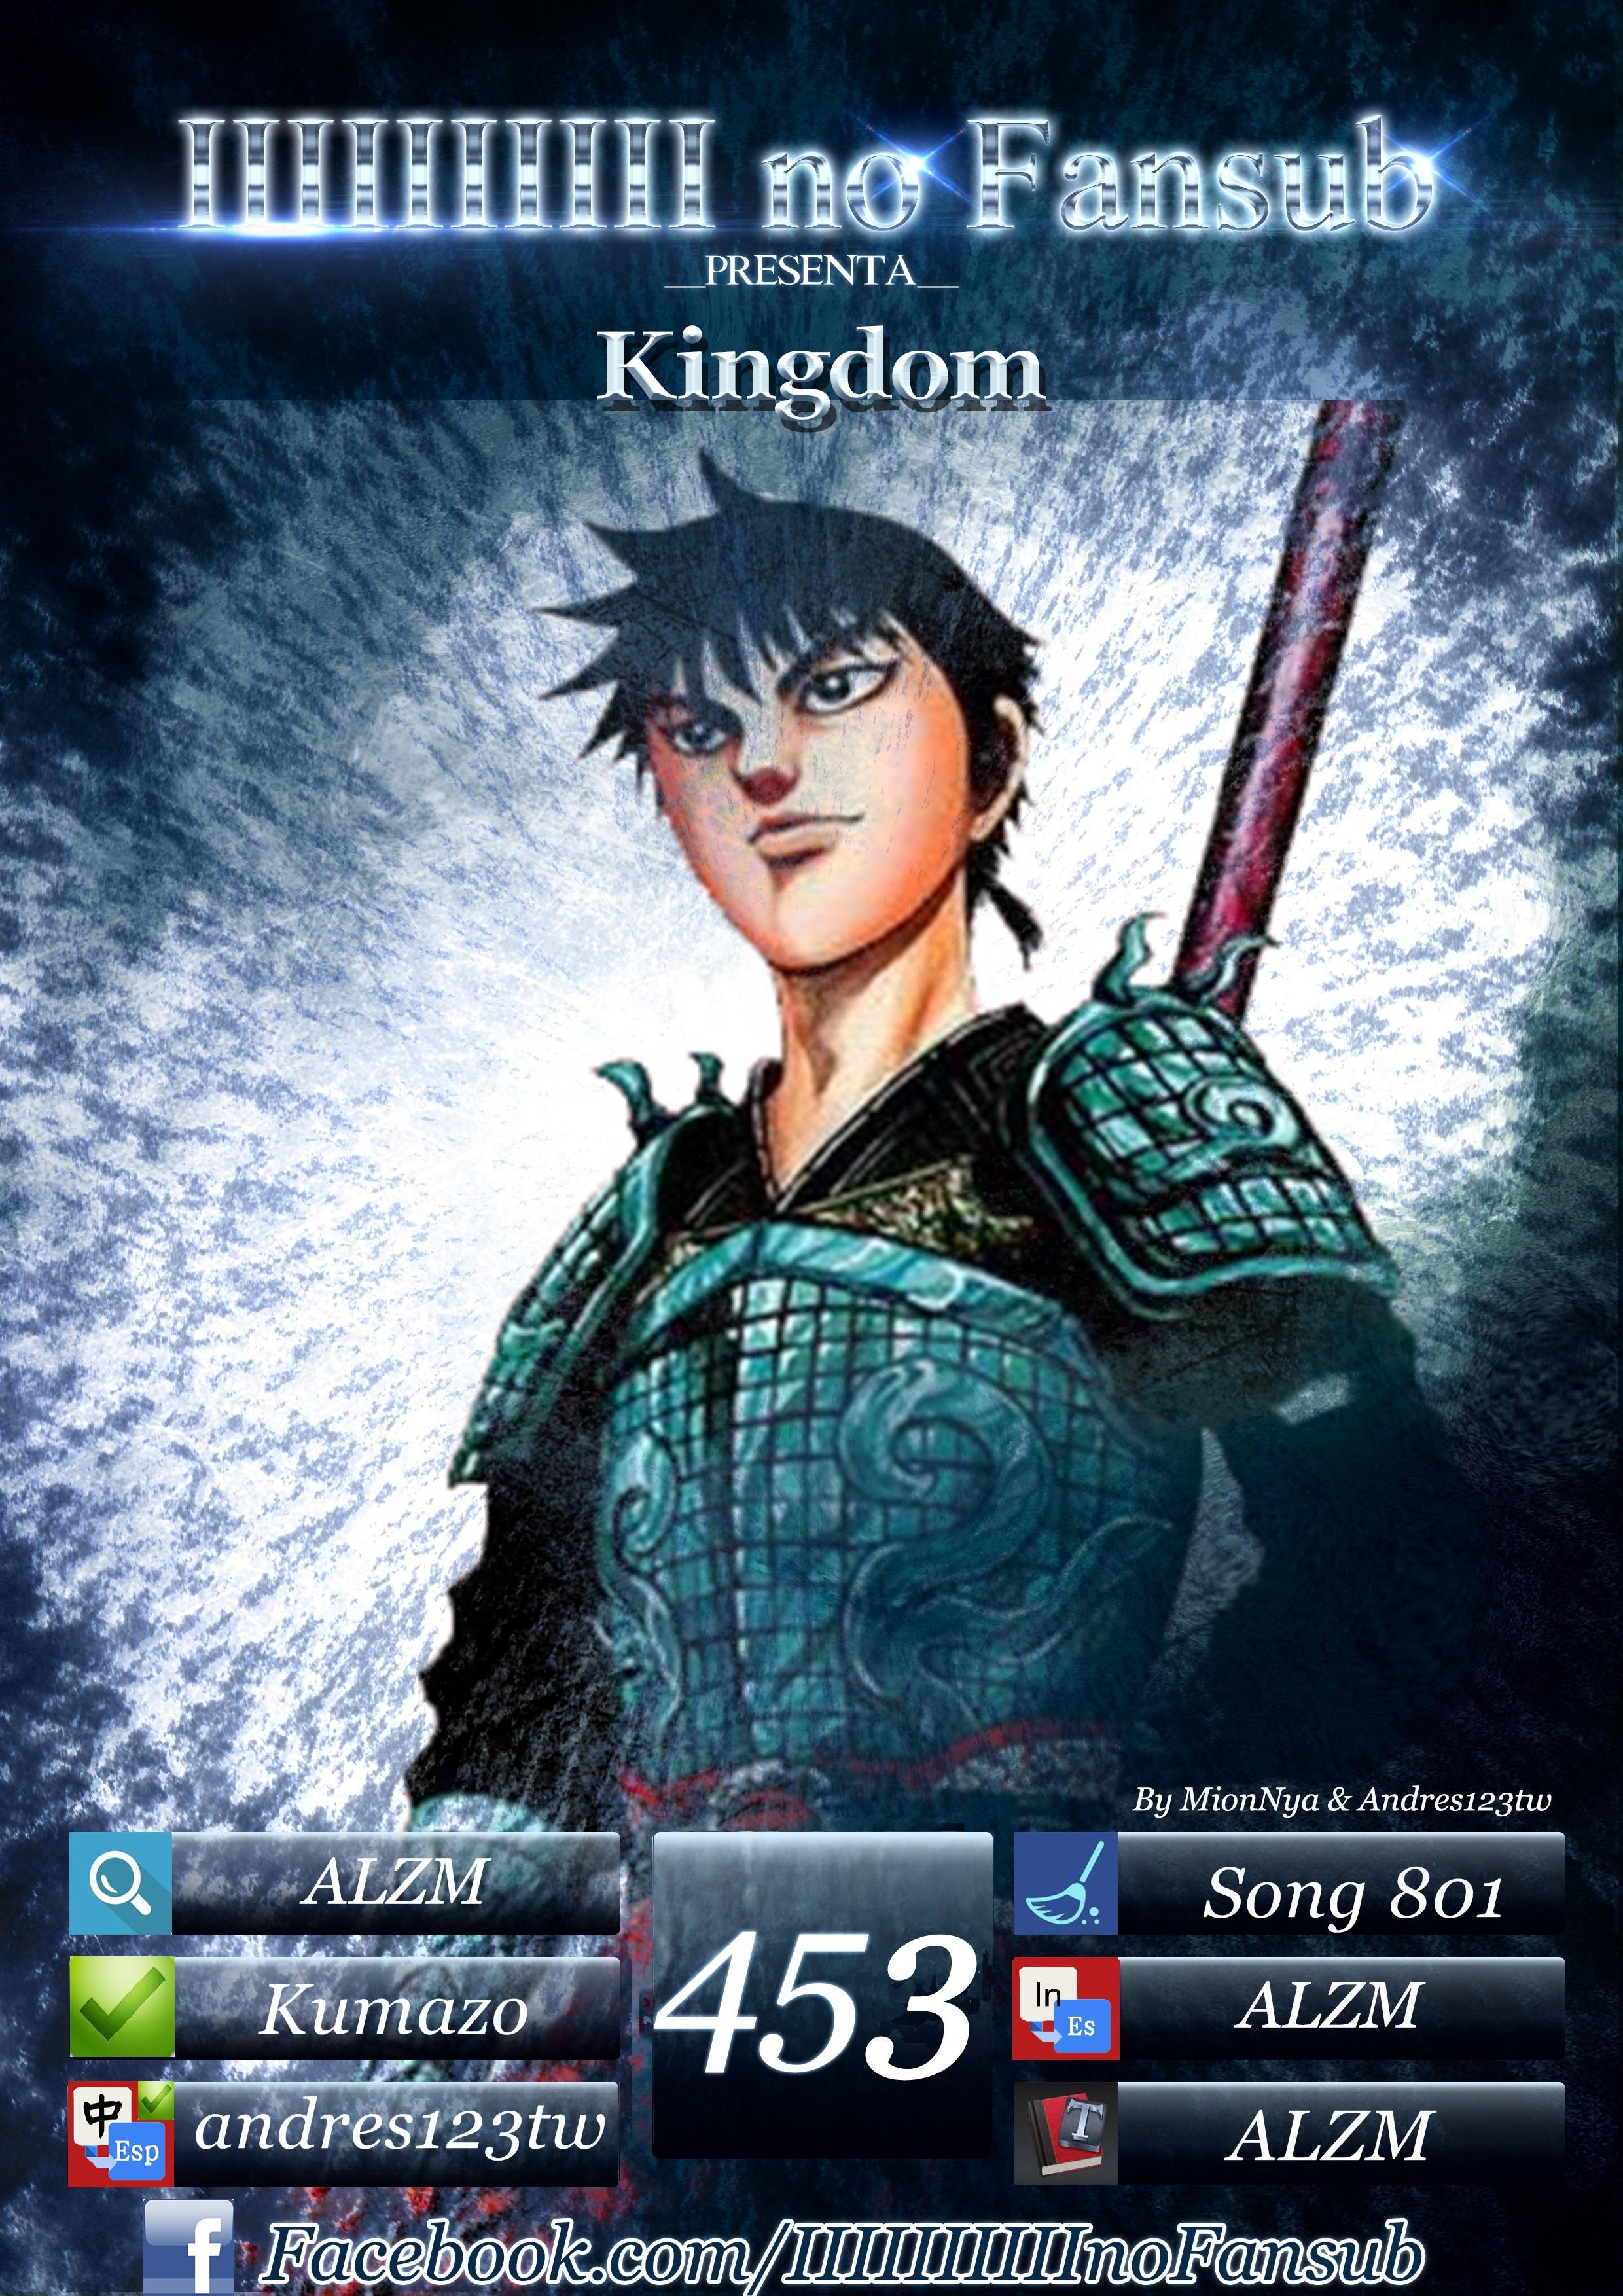 http://c5.ninemanga.com/es_manga/19/12307/429645/632c704dd3e9c347fedd46505752643f.jpg Page 1